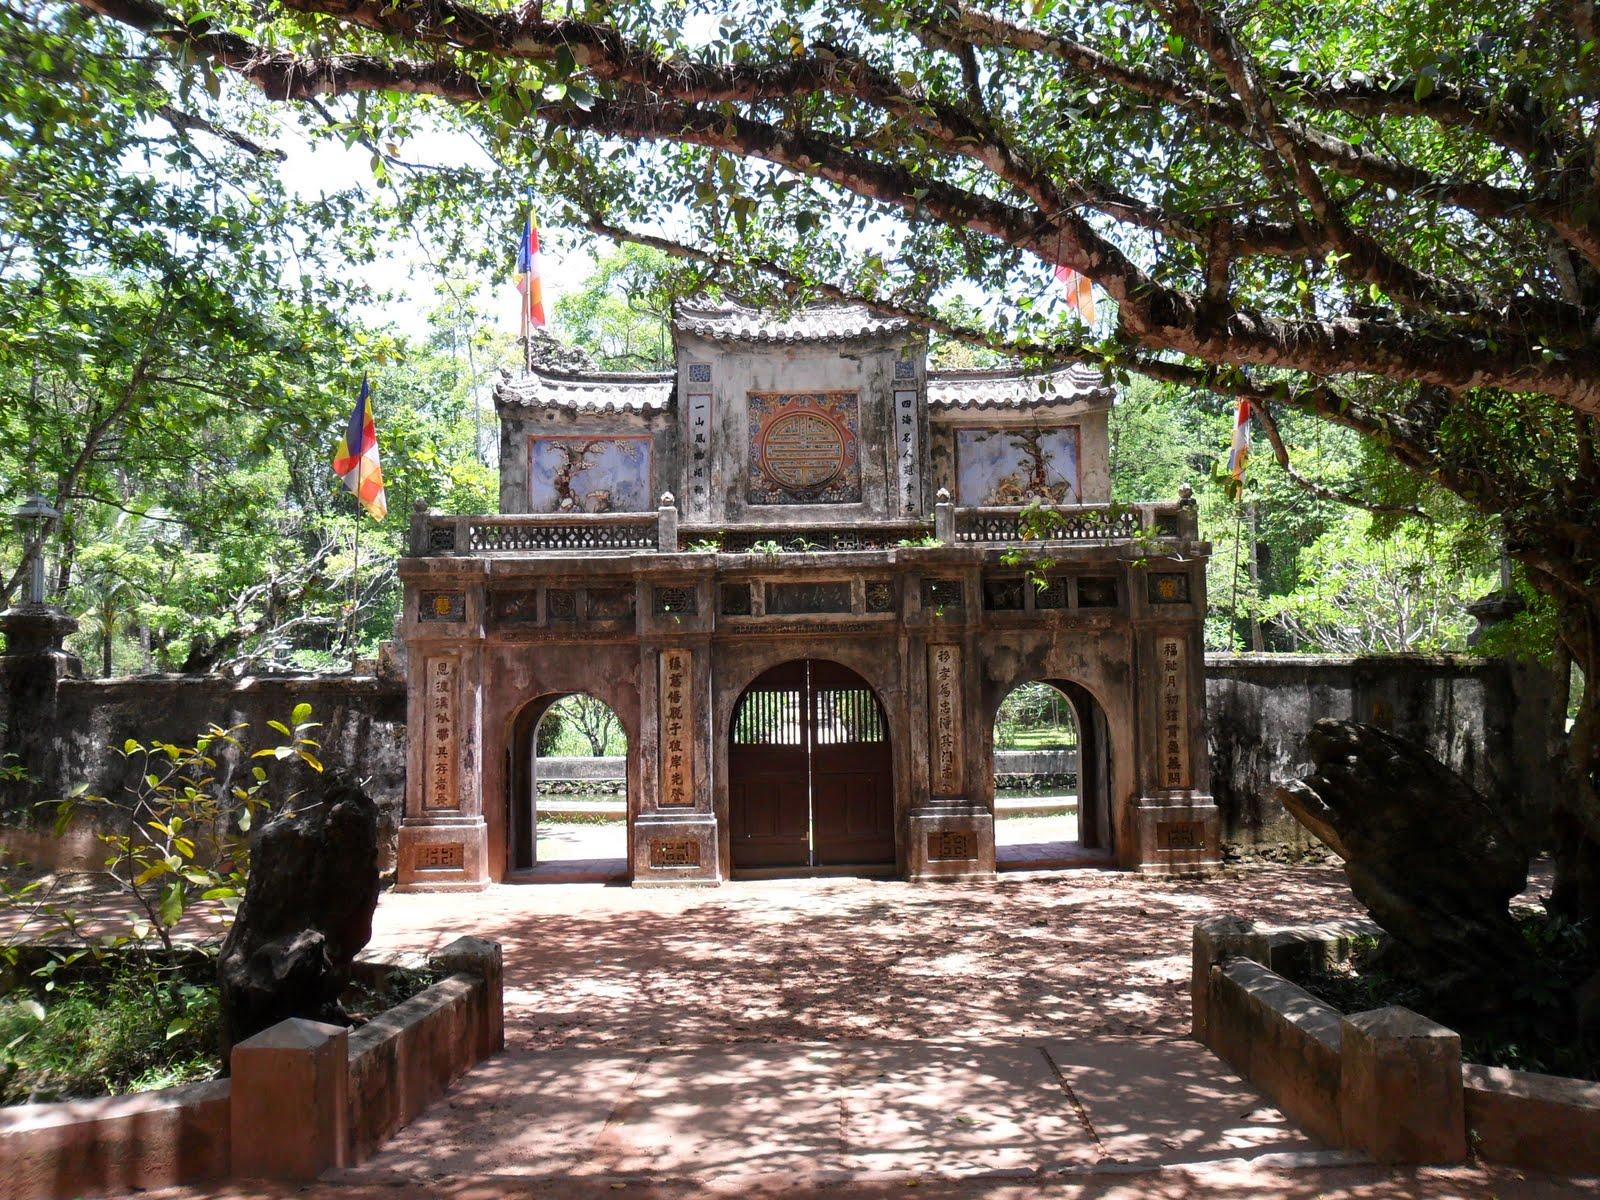 Tu Hieu Pagoda in Hue